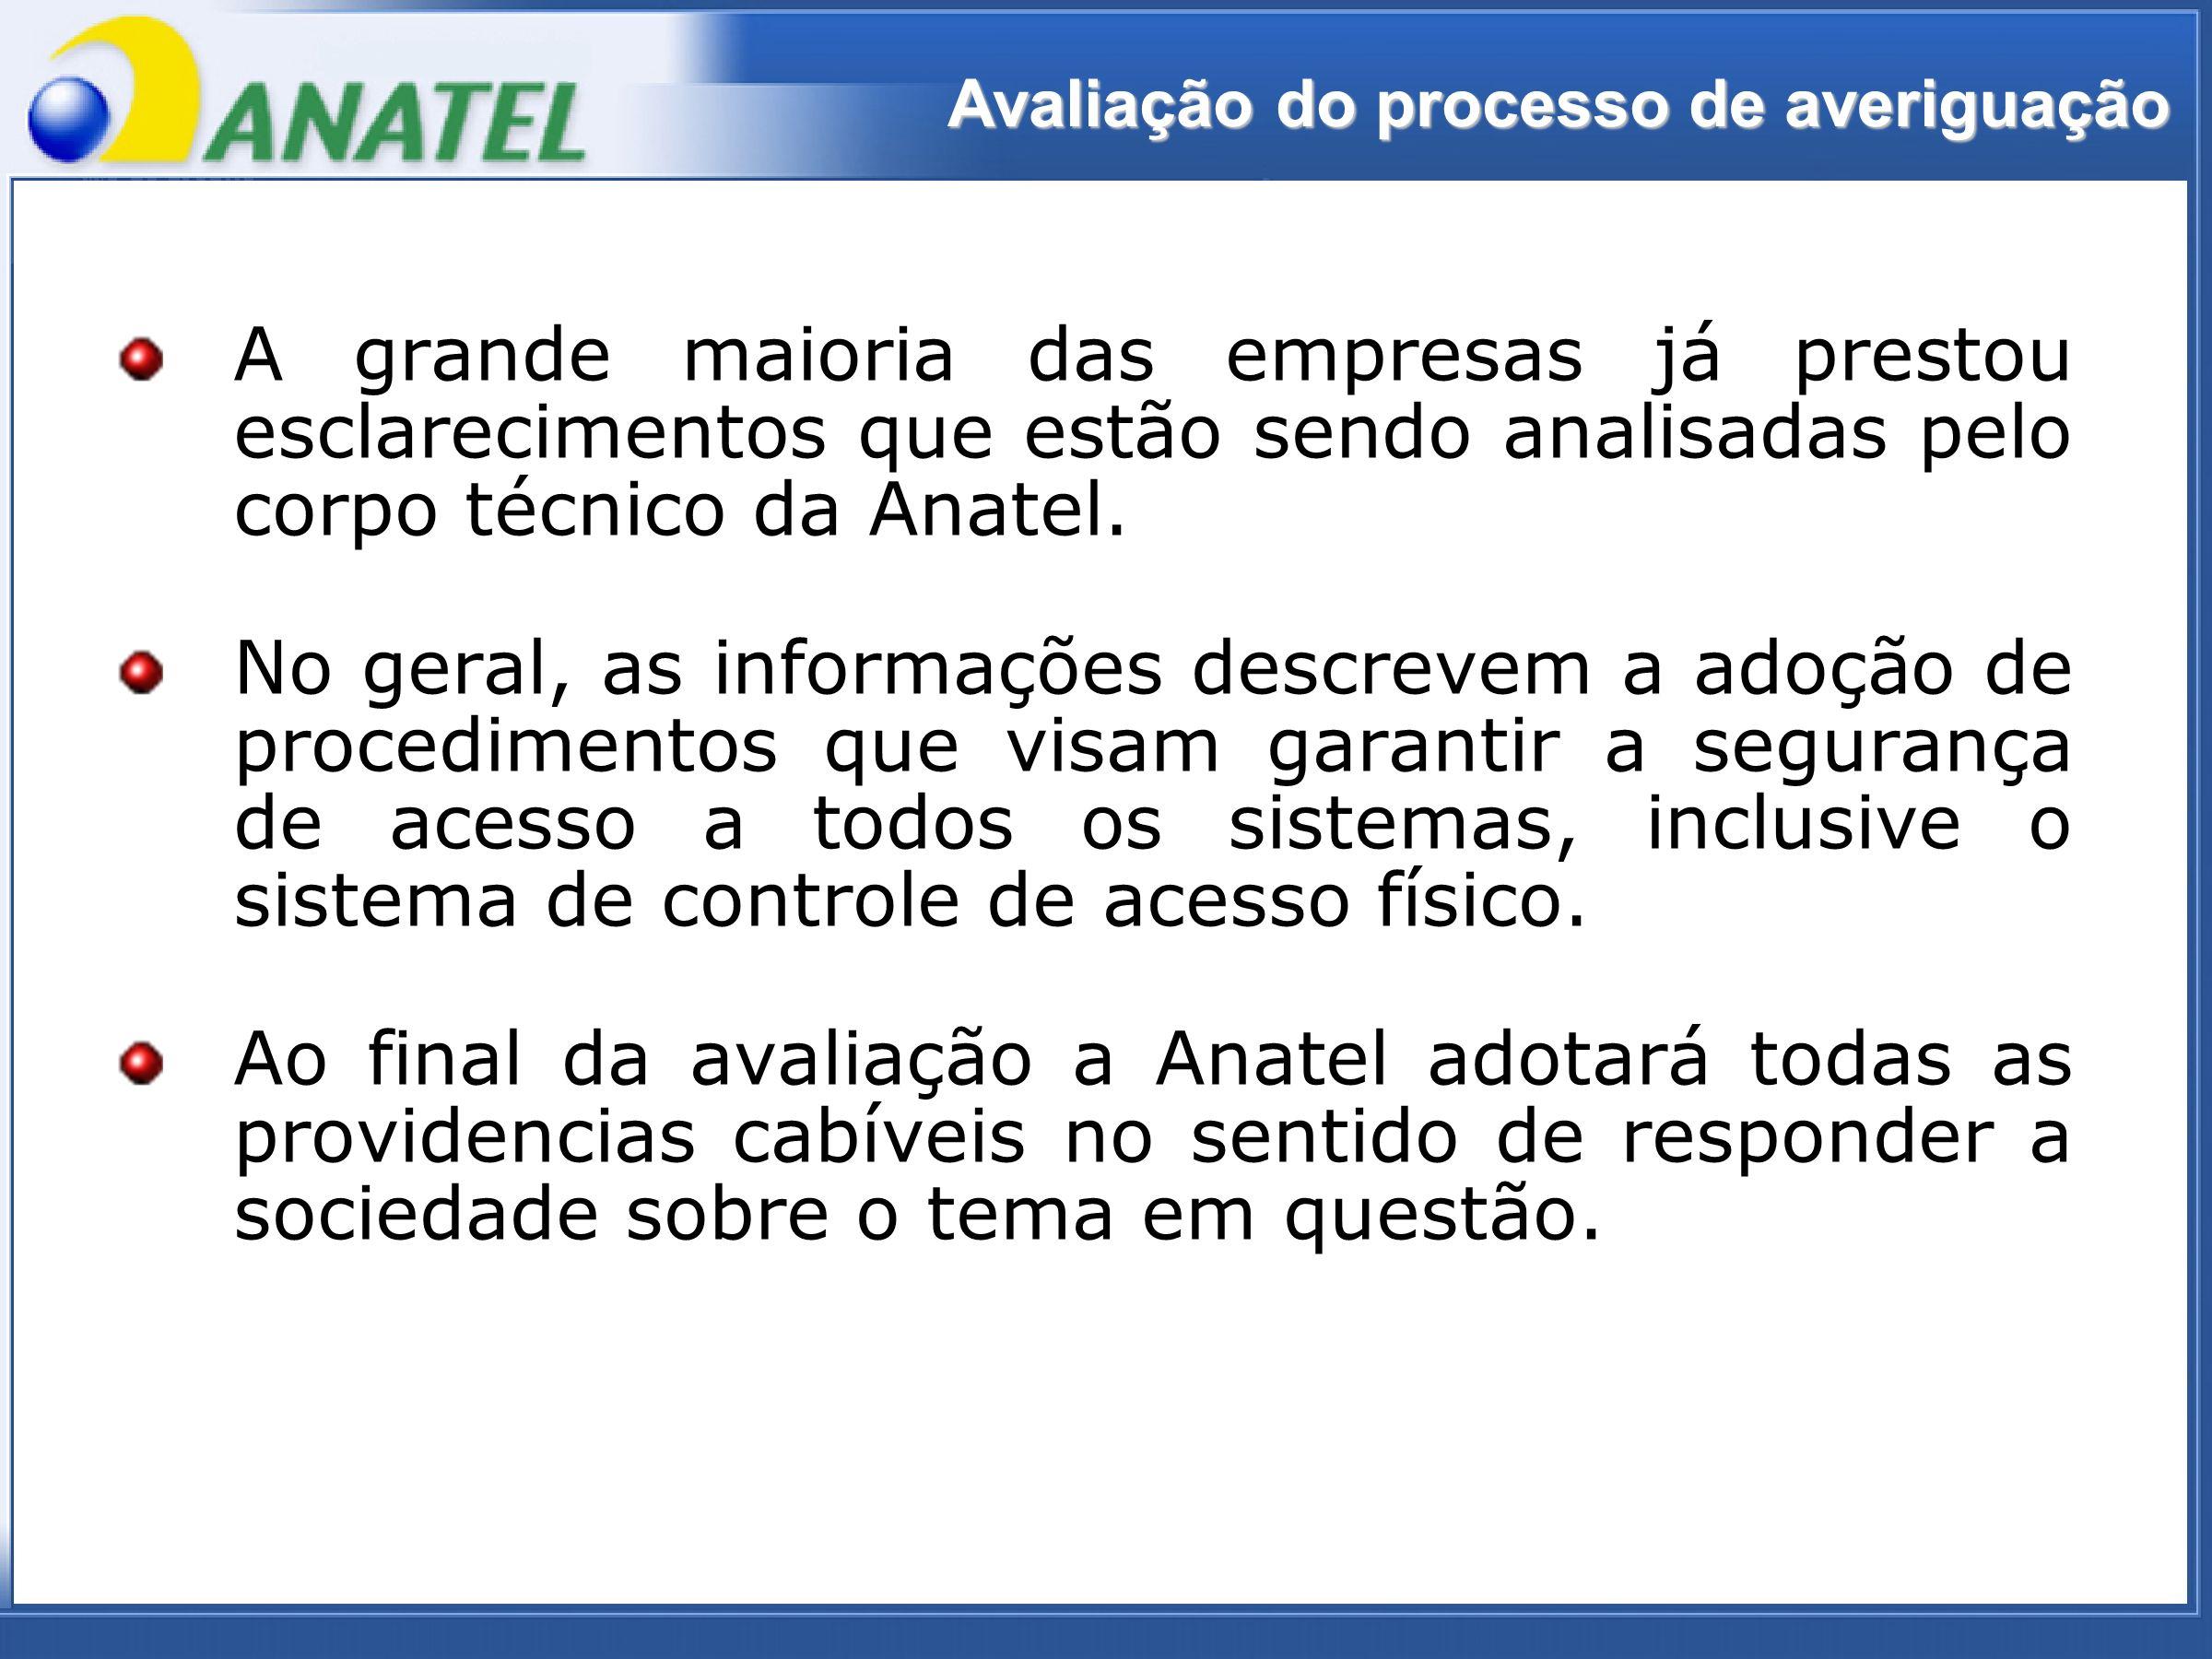 ADTOD Avaliação do processo de averiguação A grande maioria das empresas já prestou esclarecimentos que estão sendo analisadas pelo corpo técnico da Anatel.